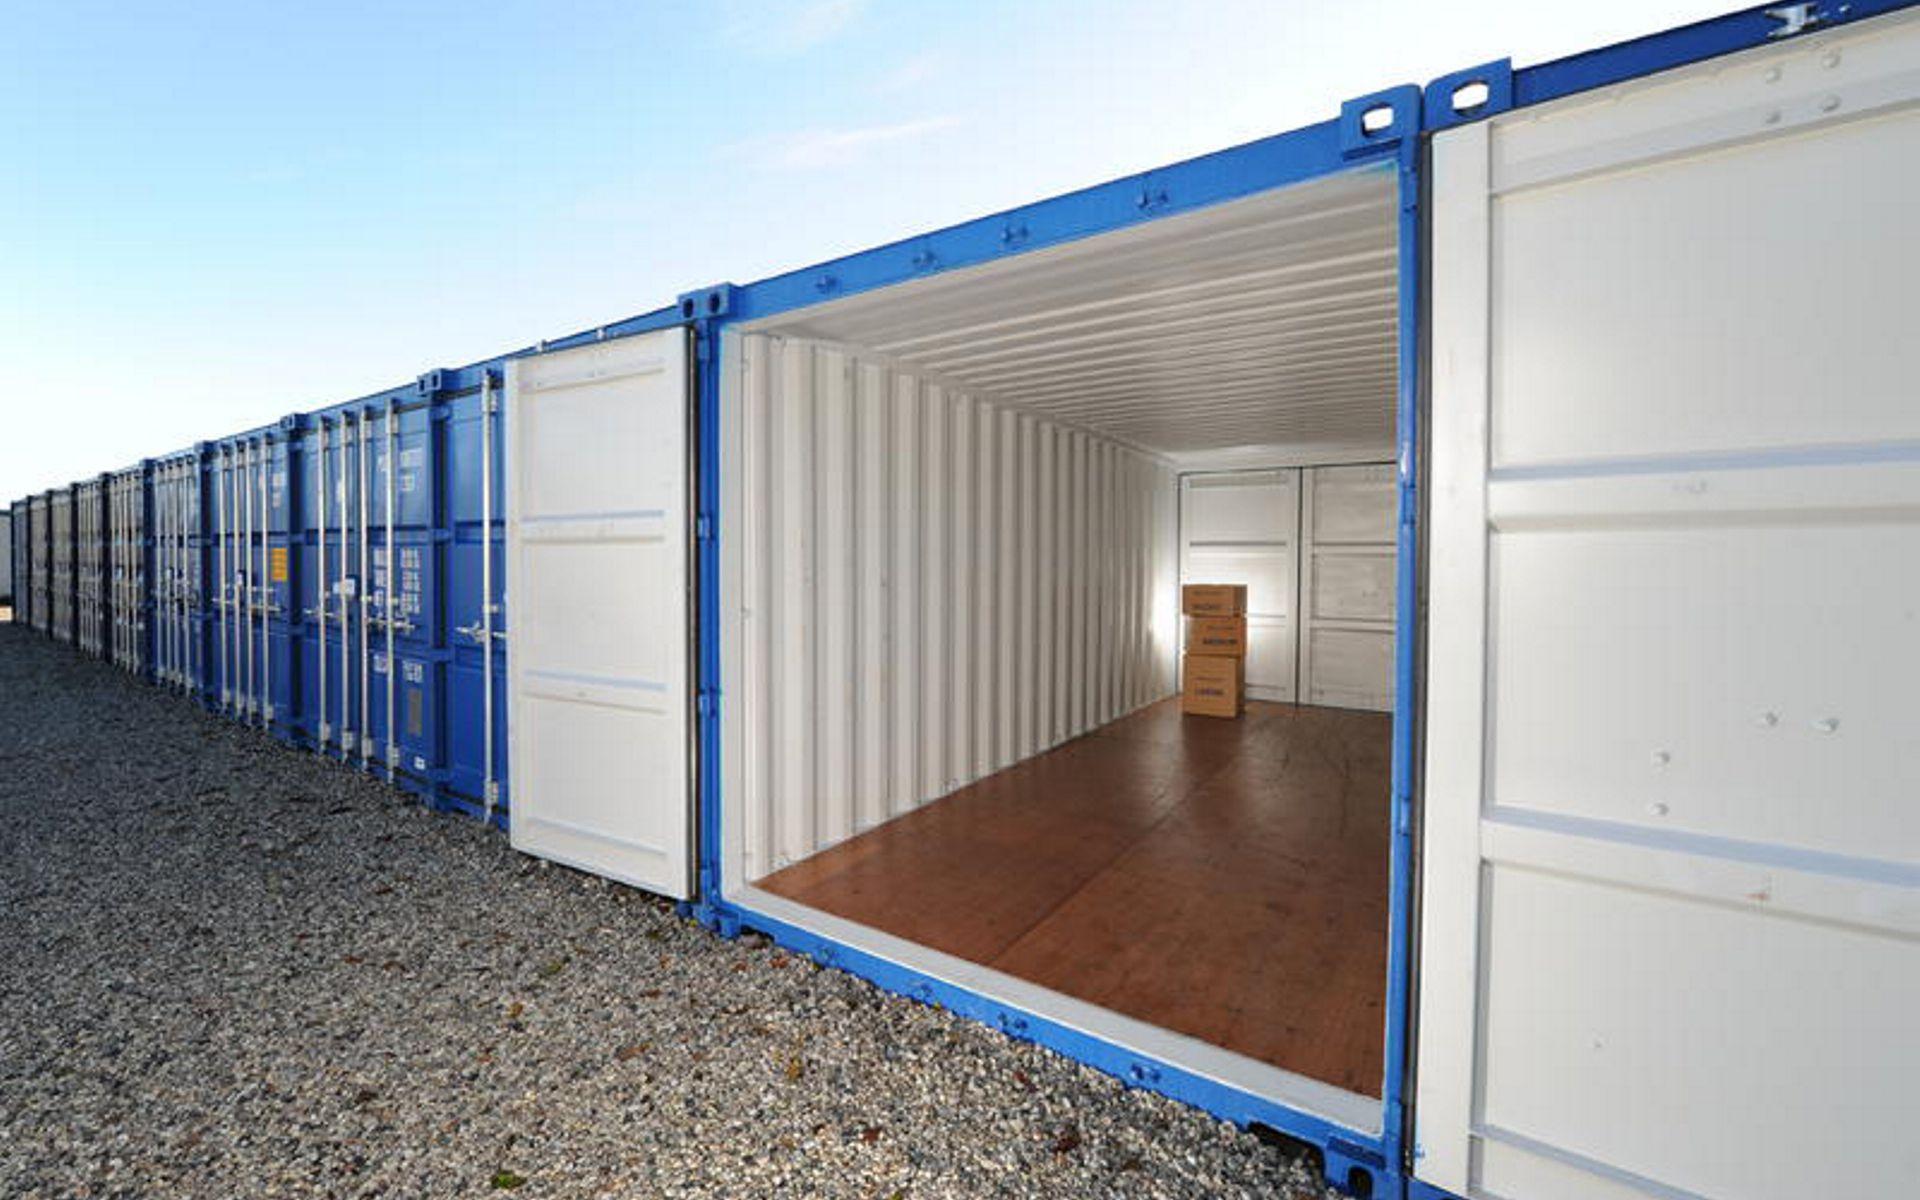 southwick storage pay 4 weeks get 4 weeks free storage